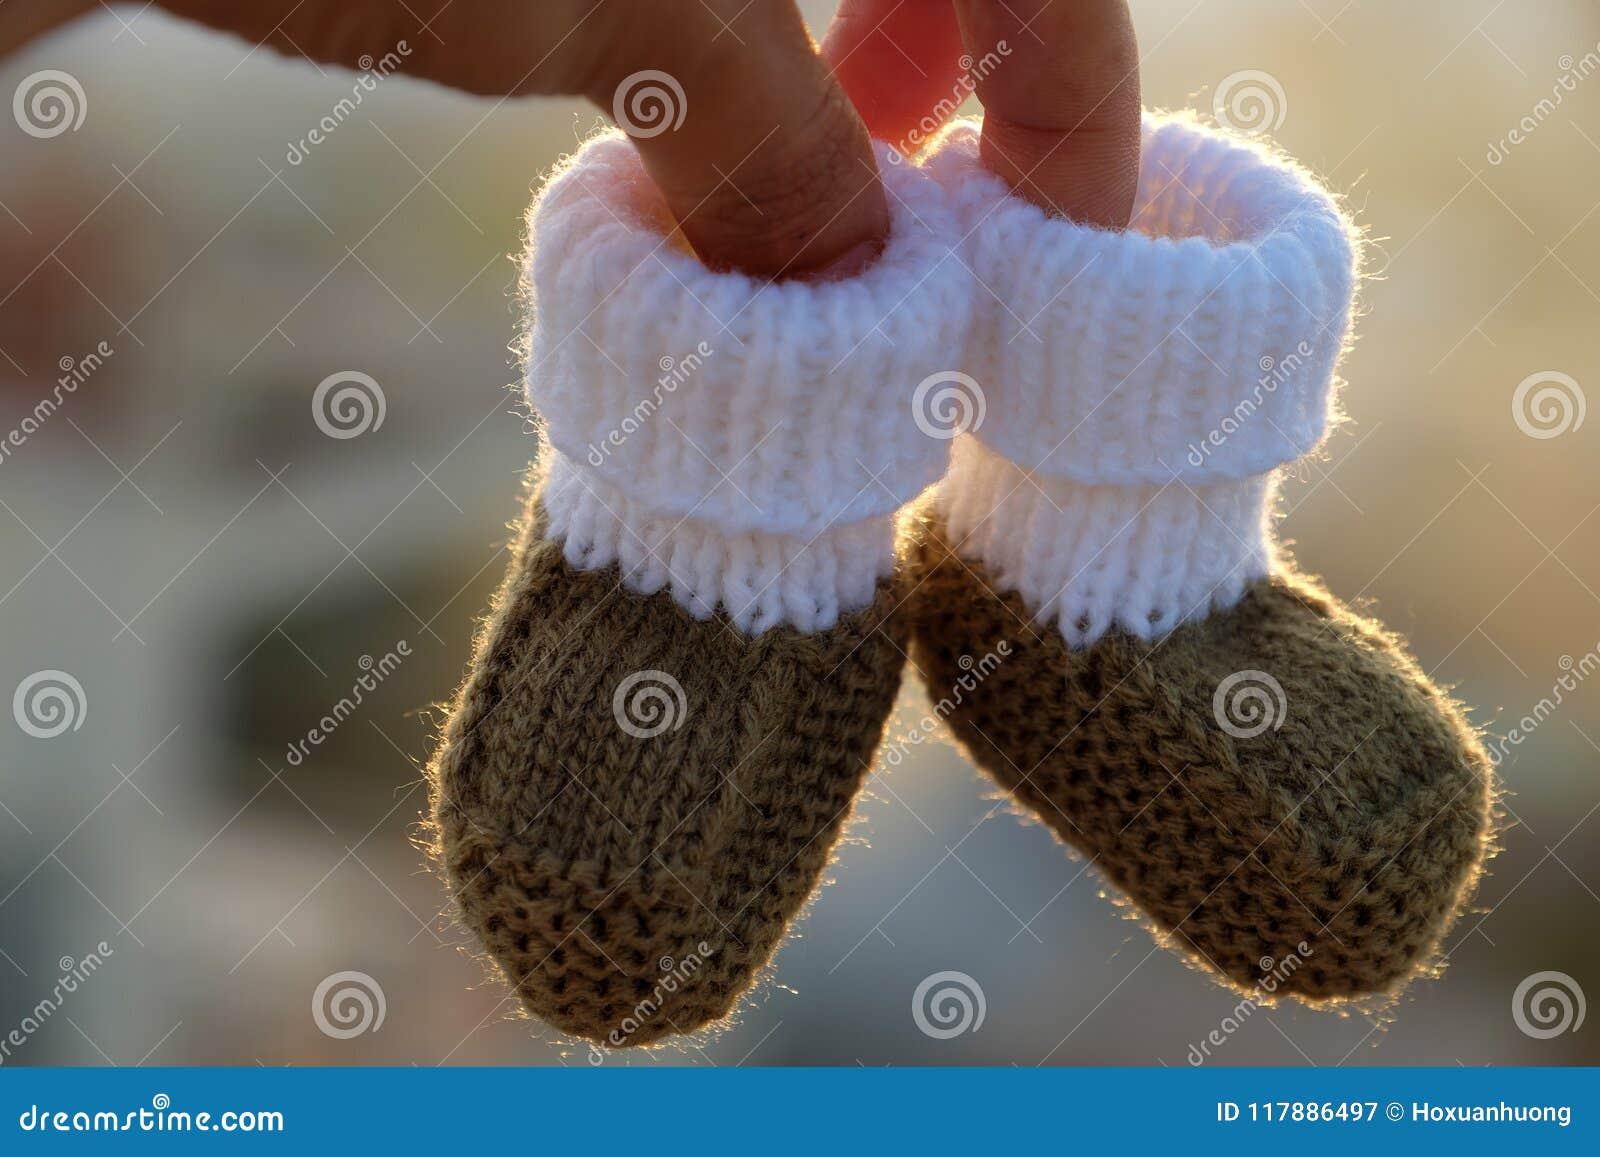 Botines para recién nacido imagen de archivo. Imagen de outdoor ...